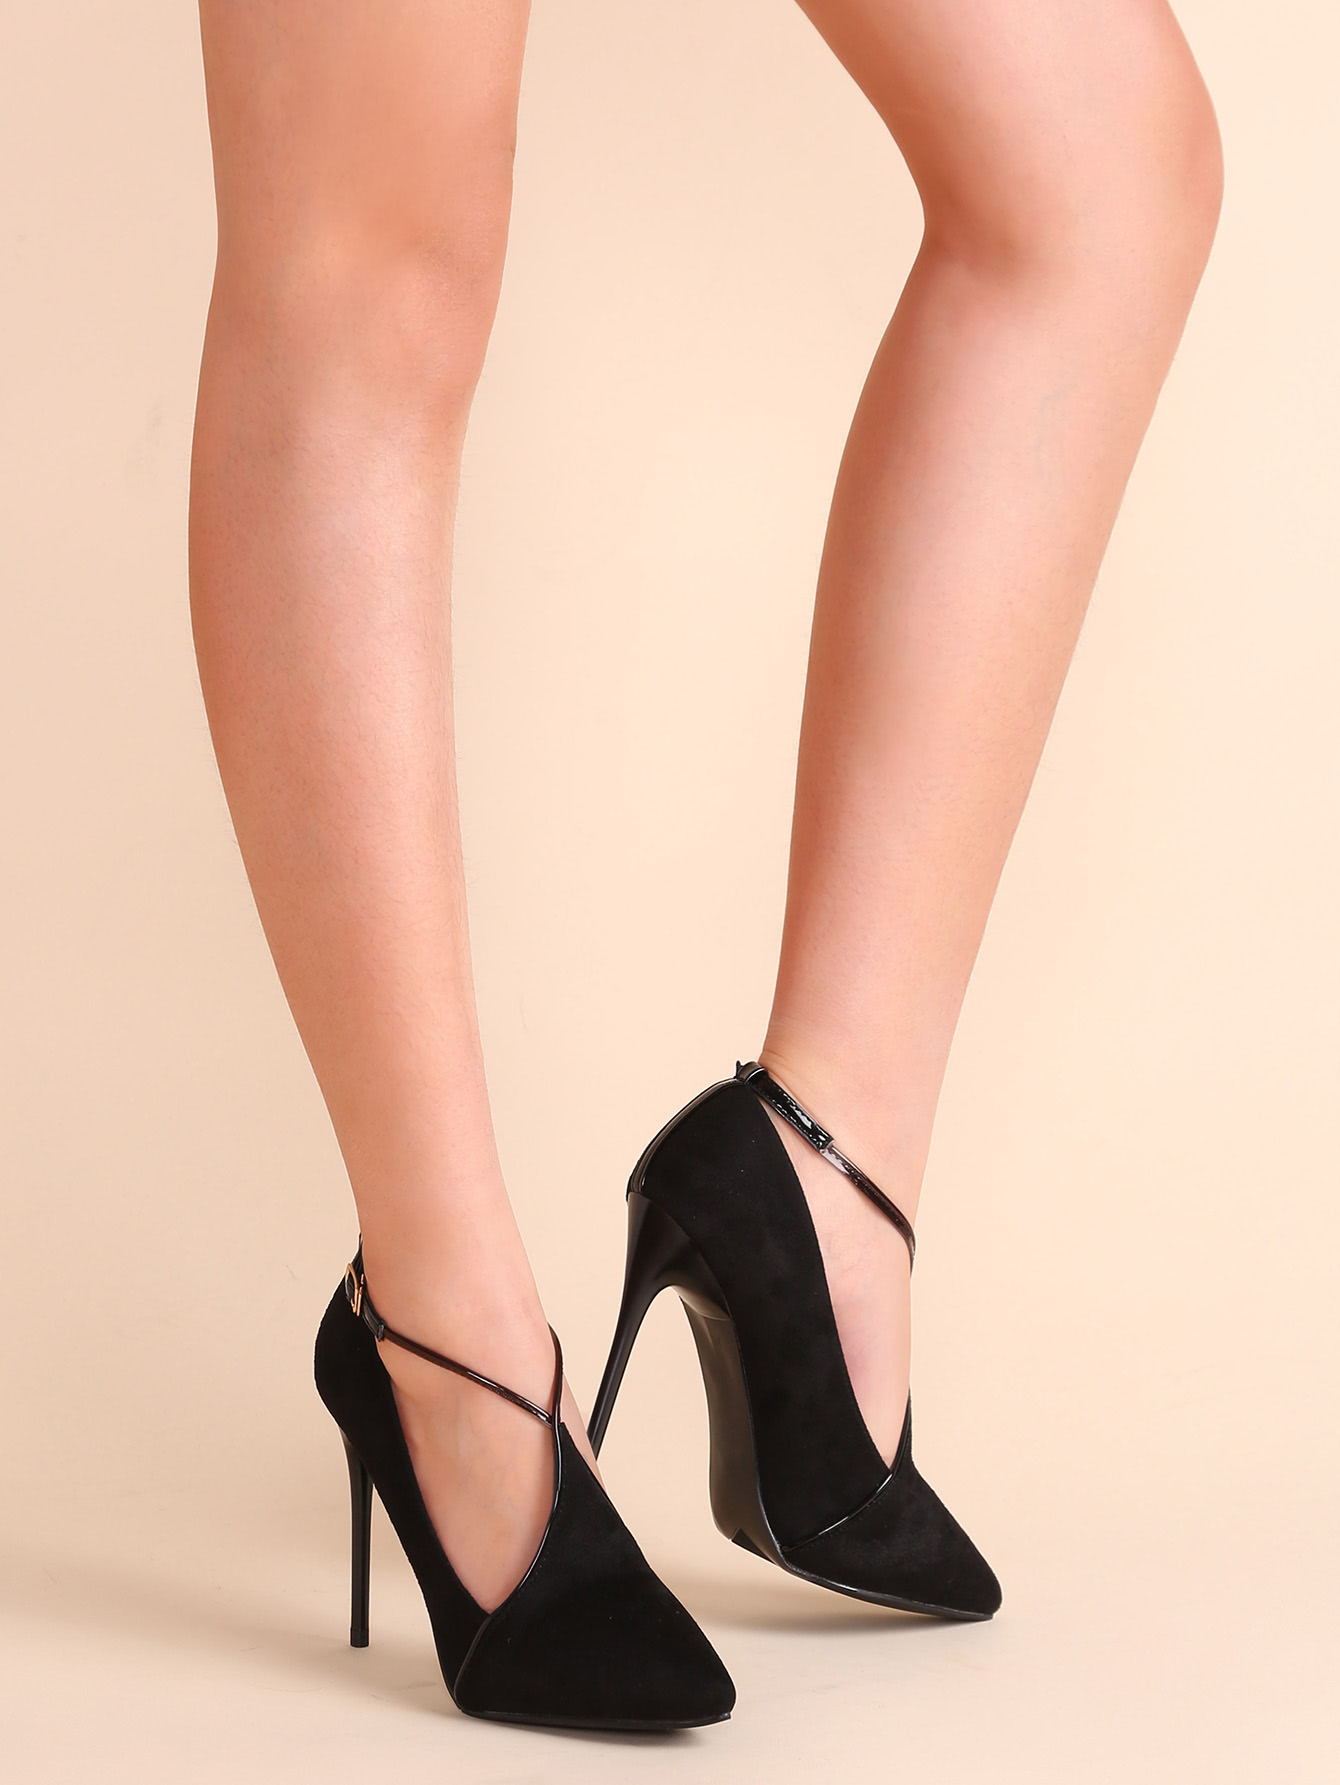 shoes161213806_2